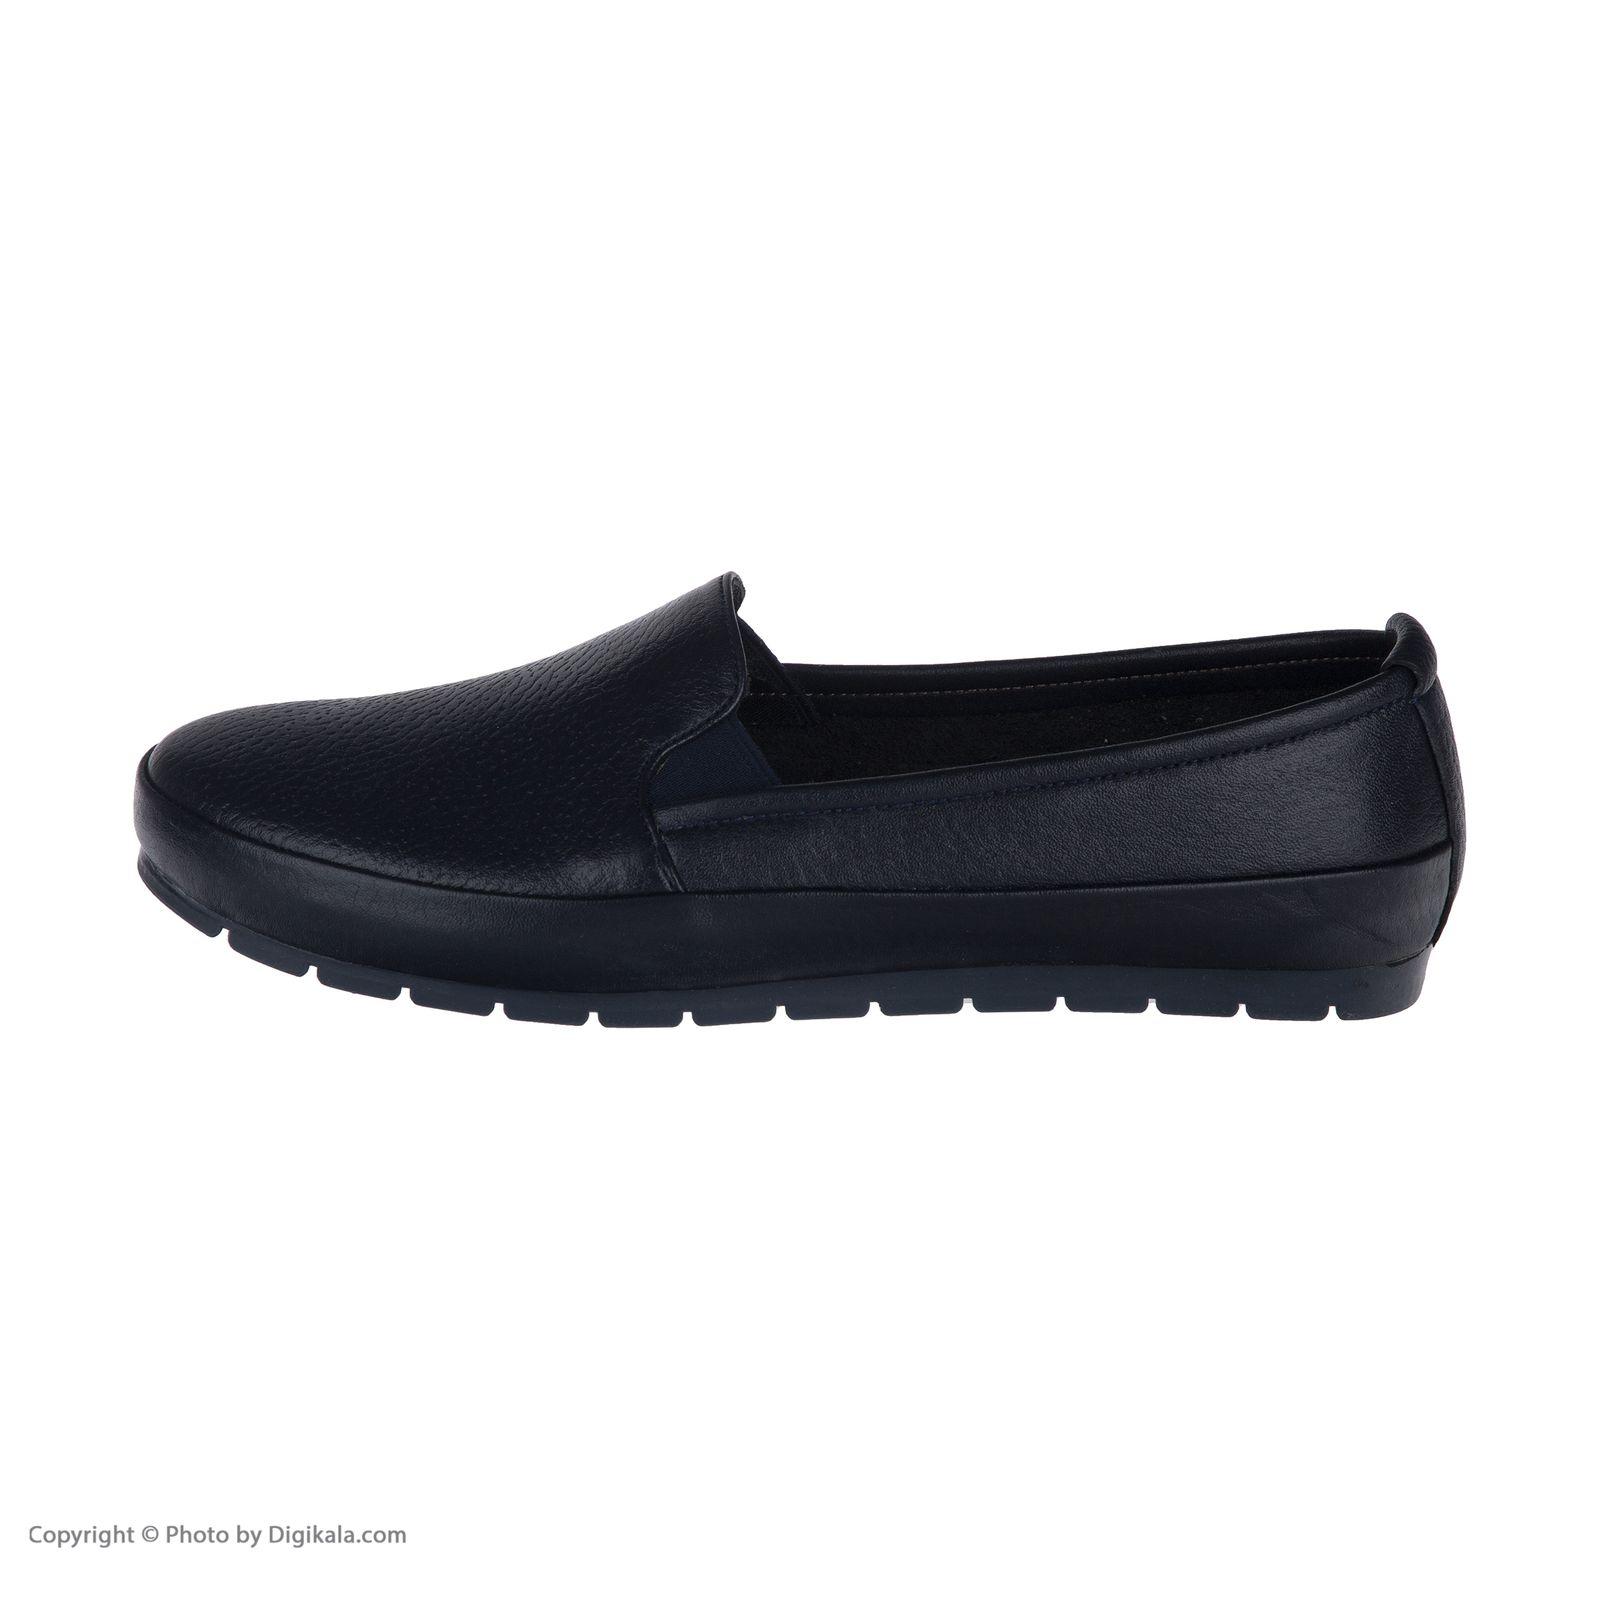 کفش روزمره زنانه بلوط مدل 5313A500103 -  - 3